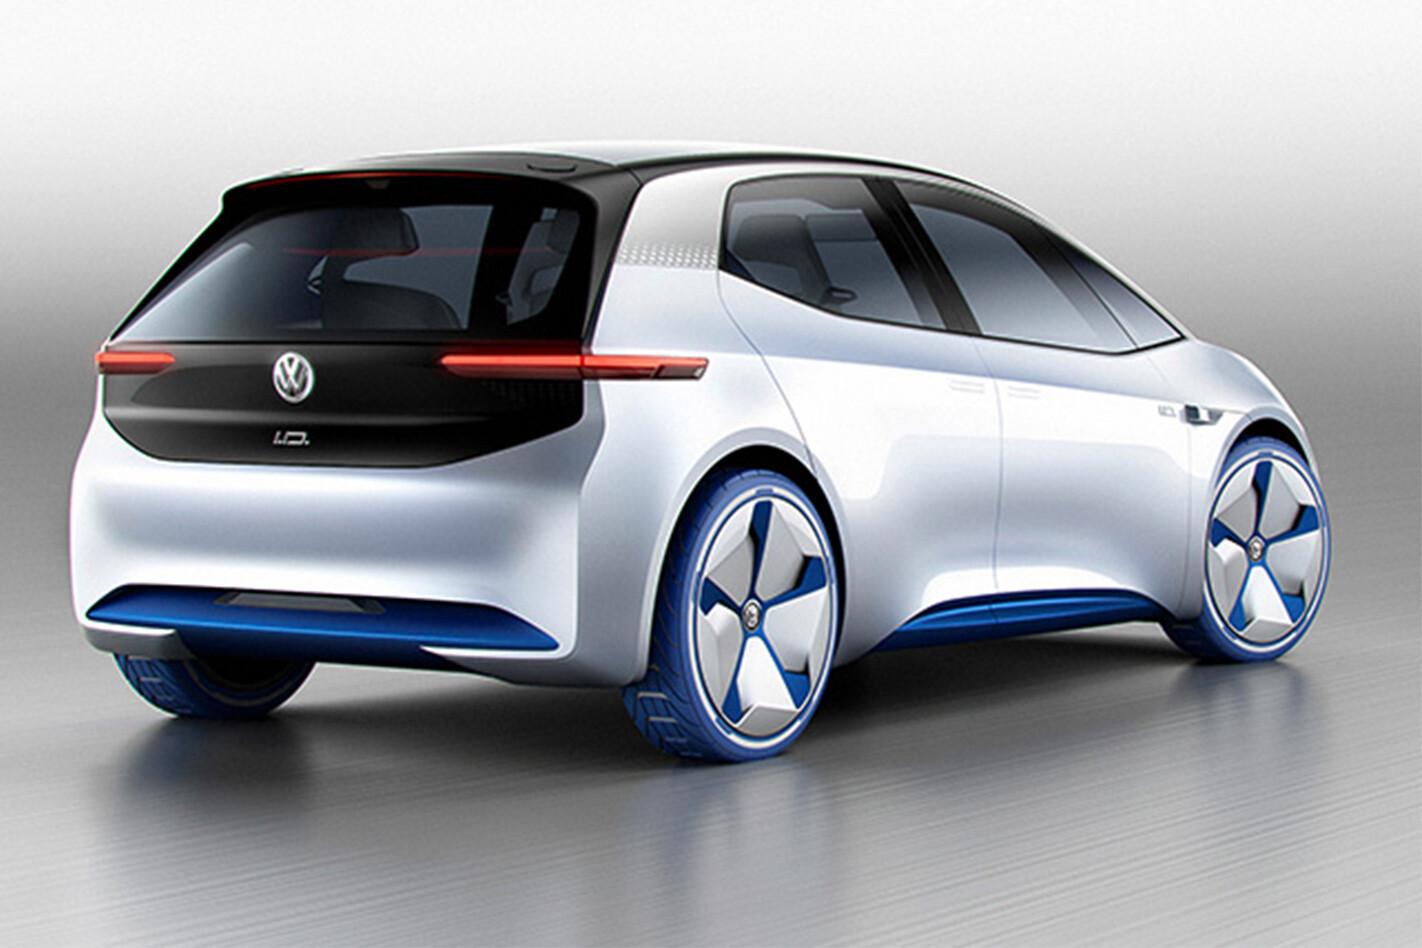 Volkswagen Id Paris Motor Show Concept Rear Jpg